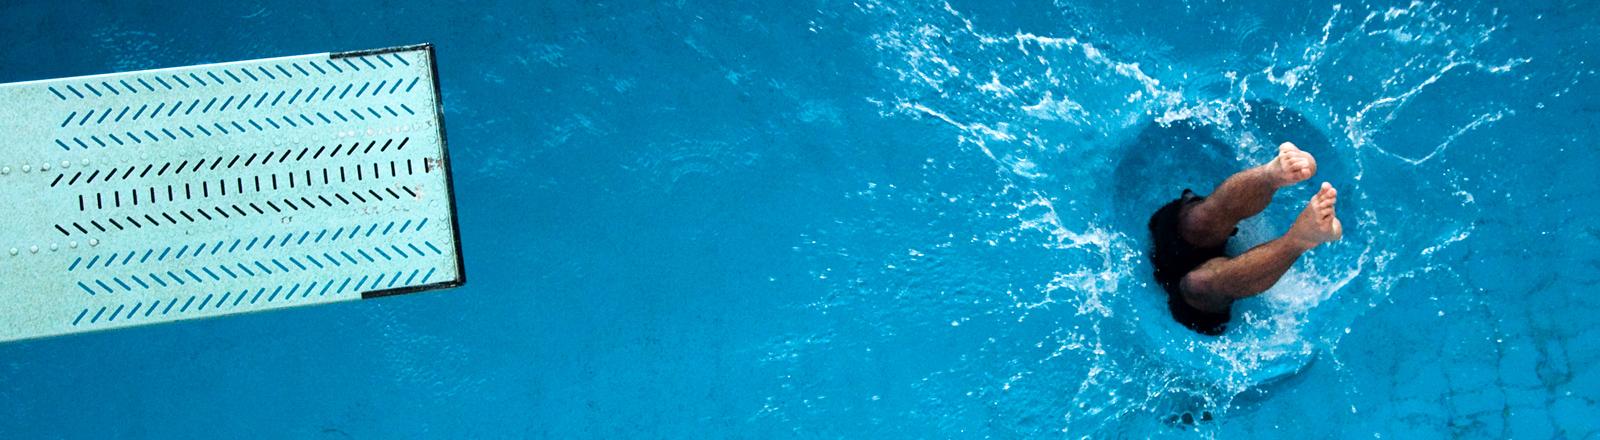 EIn Mann ist vom Sprungbrett gesprungen, man sieht noch die Beine, bevor sie ins Wasser eintauchen.